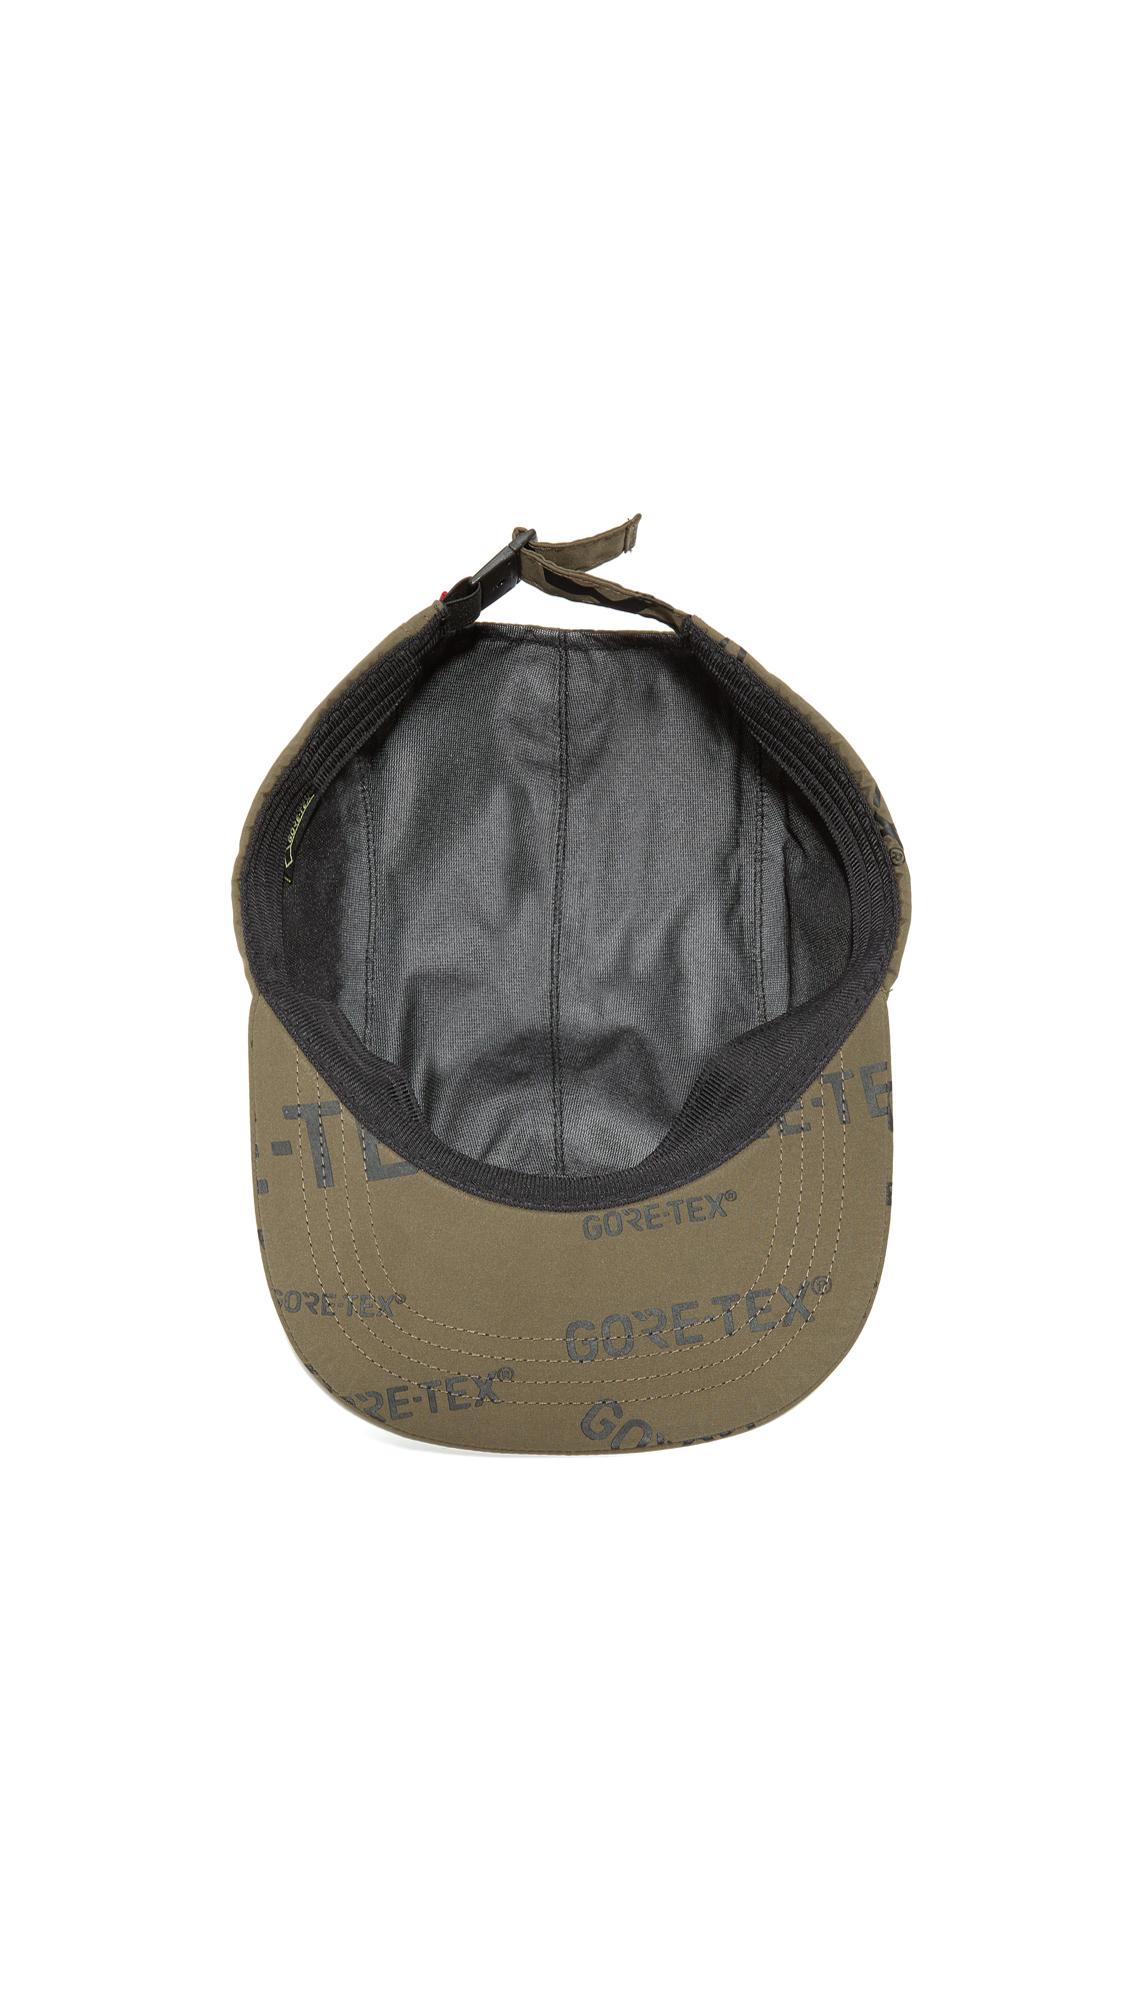 e1d51f83af2 Herschel Supply Co. Glendale Gore-Tex Hat